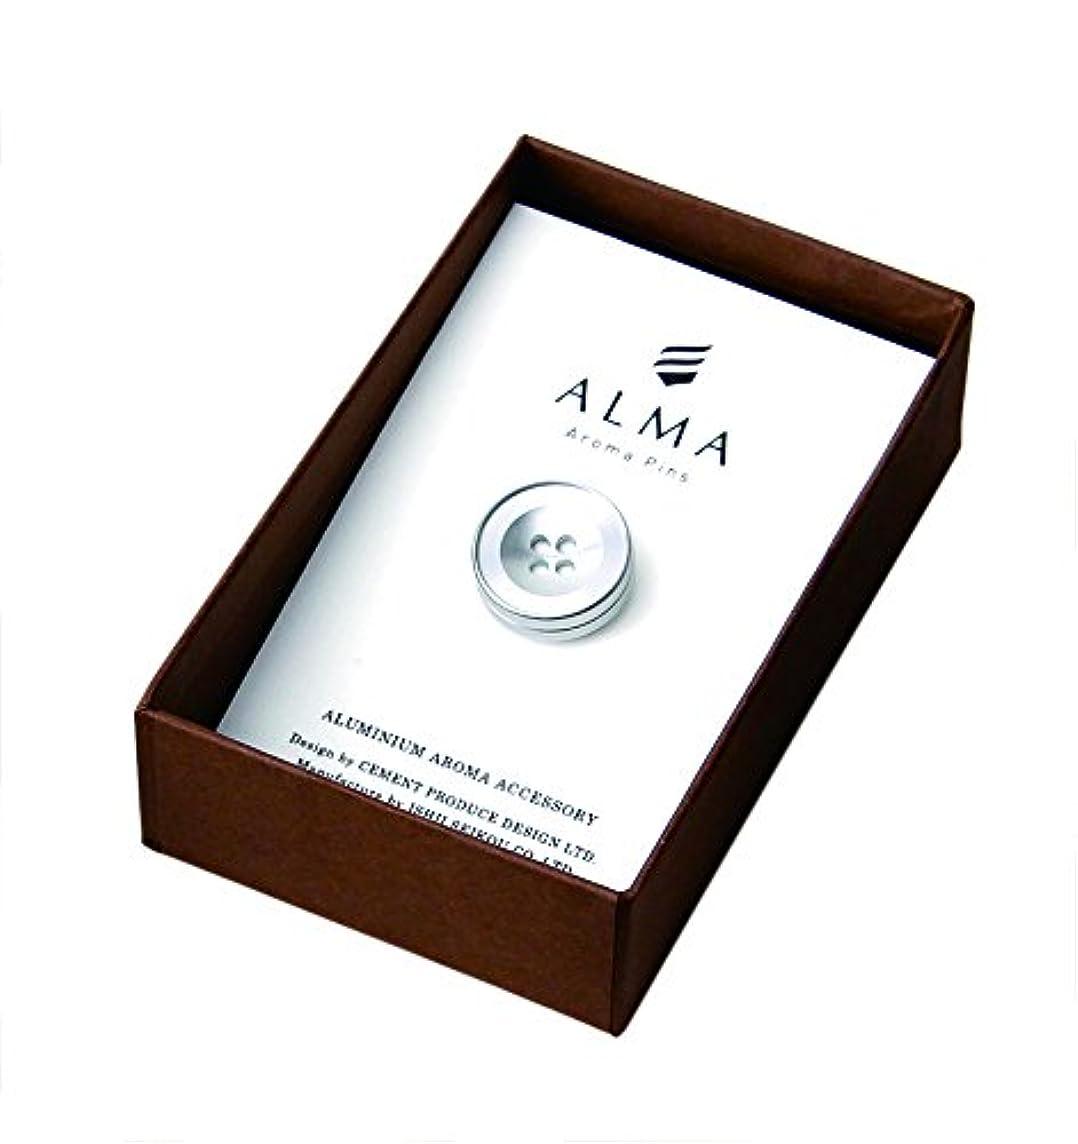 賢明な端口セメントプロデュースデザイン ALMA Aroma Pins シルバー 1.7×1.9×1.7cm ピンバッジ AM-01sv